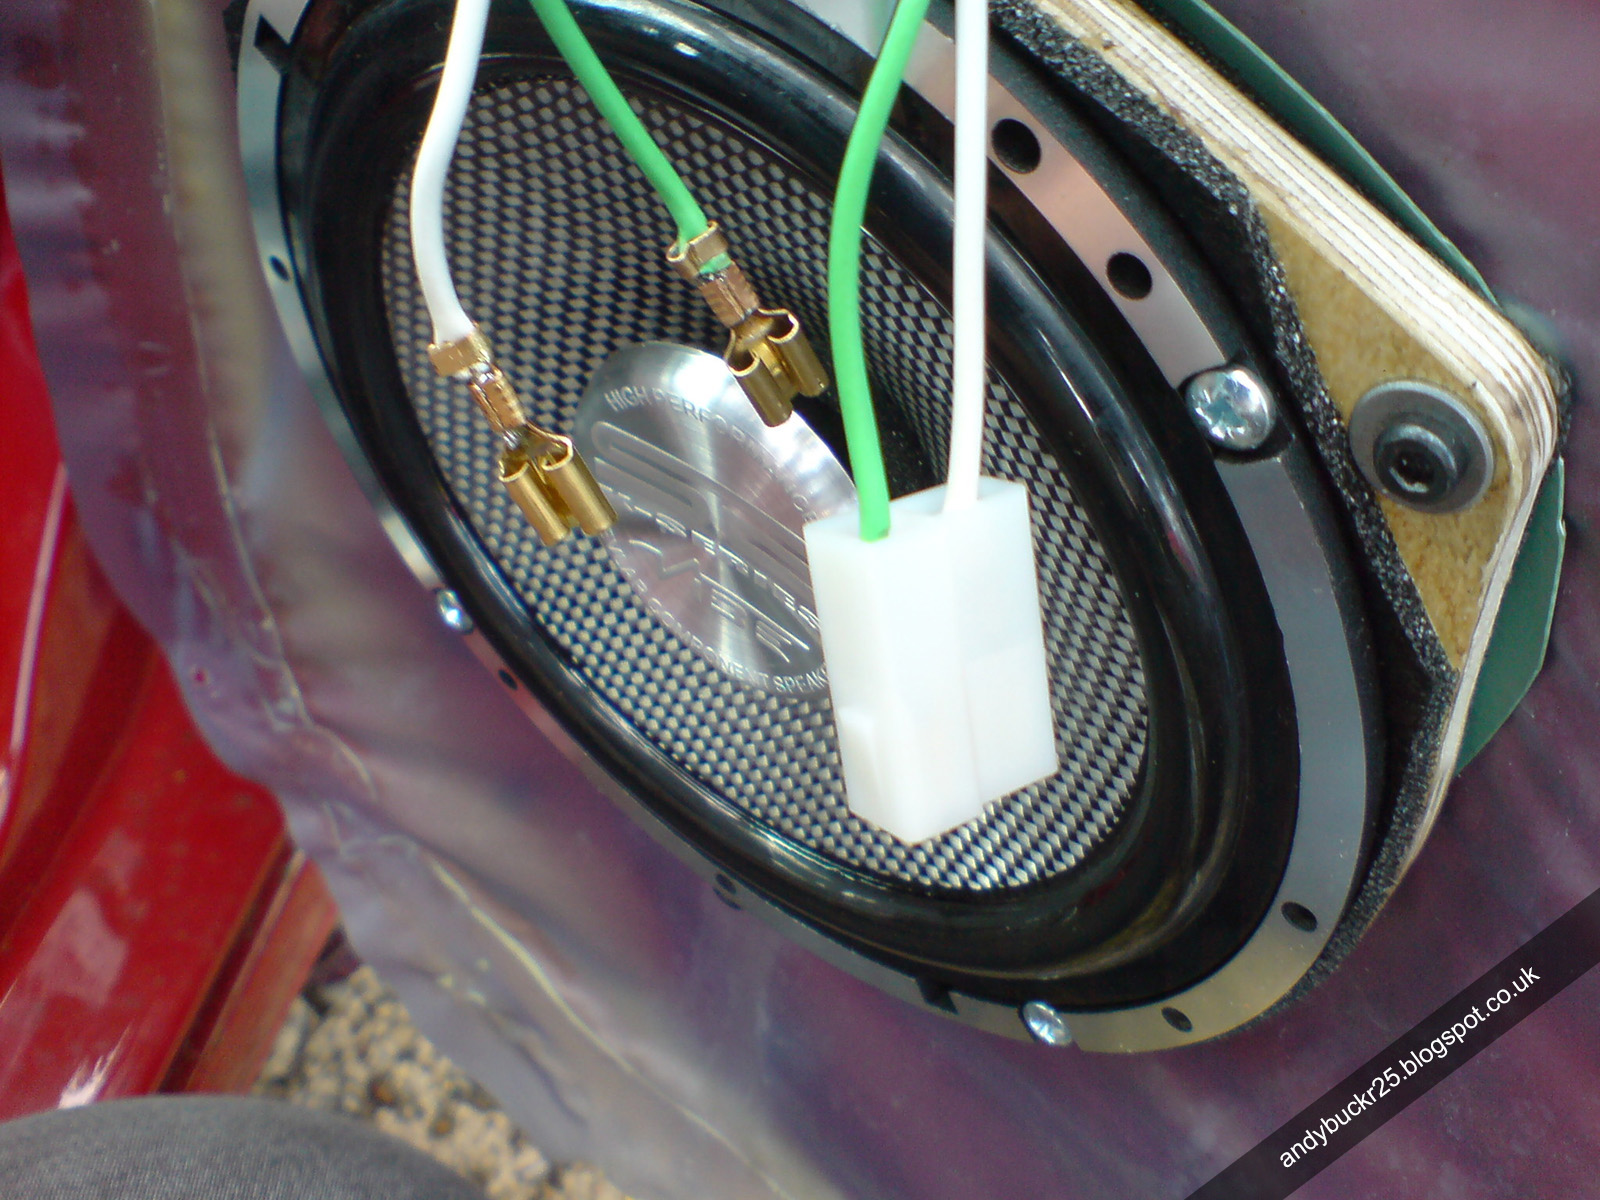 MG Rover 25 Build Blog: Front Door Speaker Upgrade